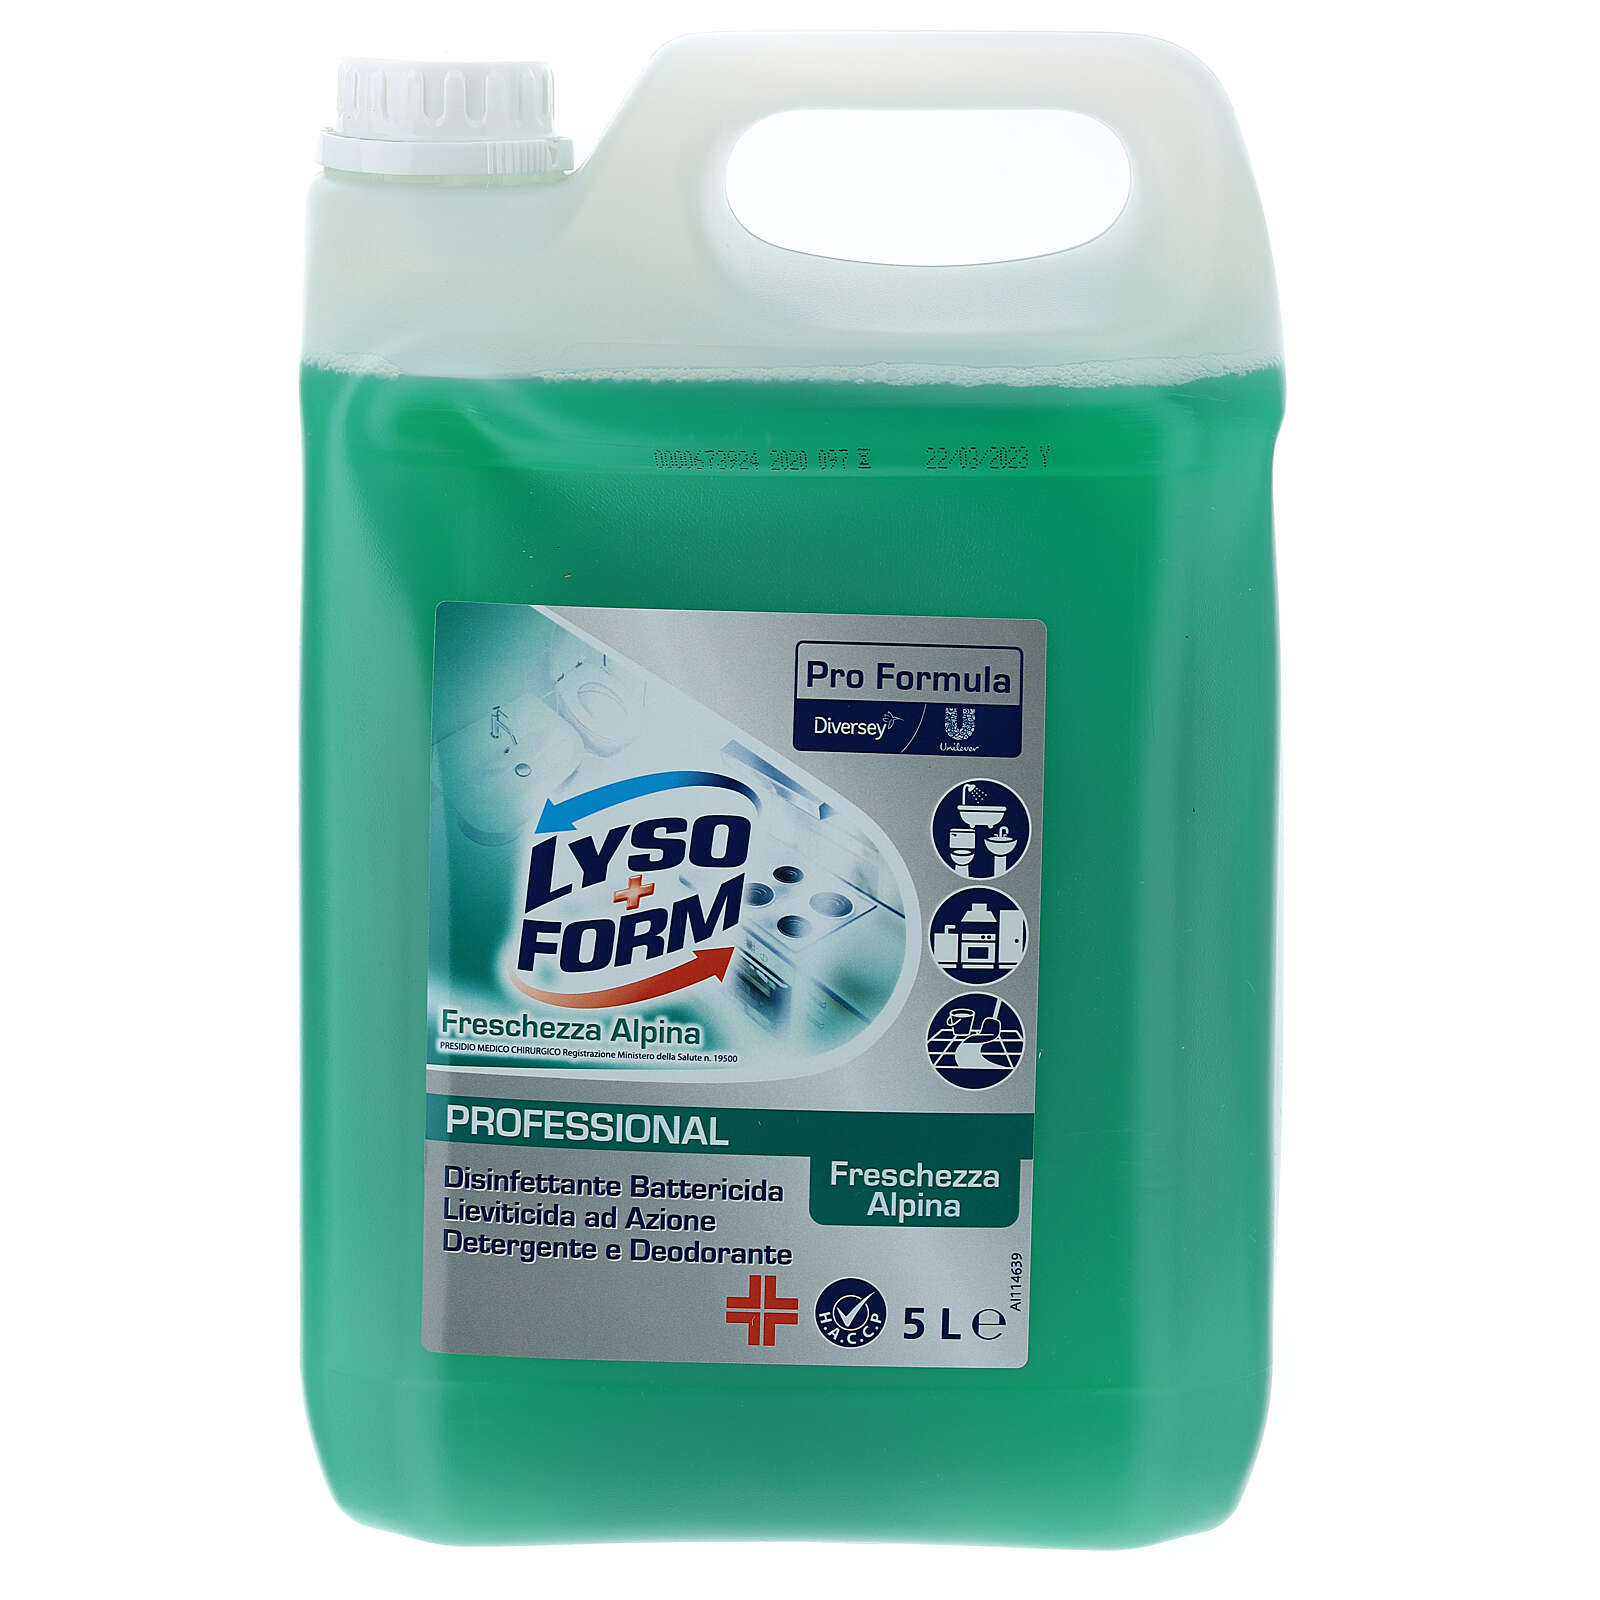 Reinigungsmittel Pro Formula von Lysoform, 5-Liter-Tank 3